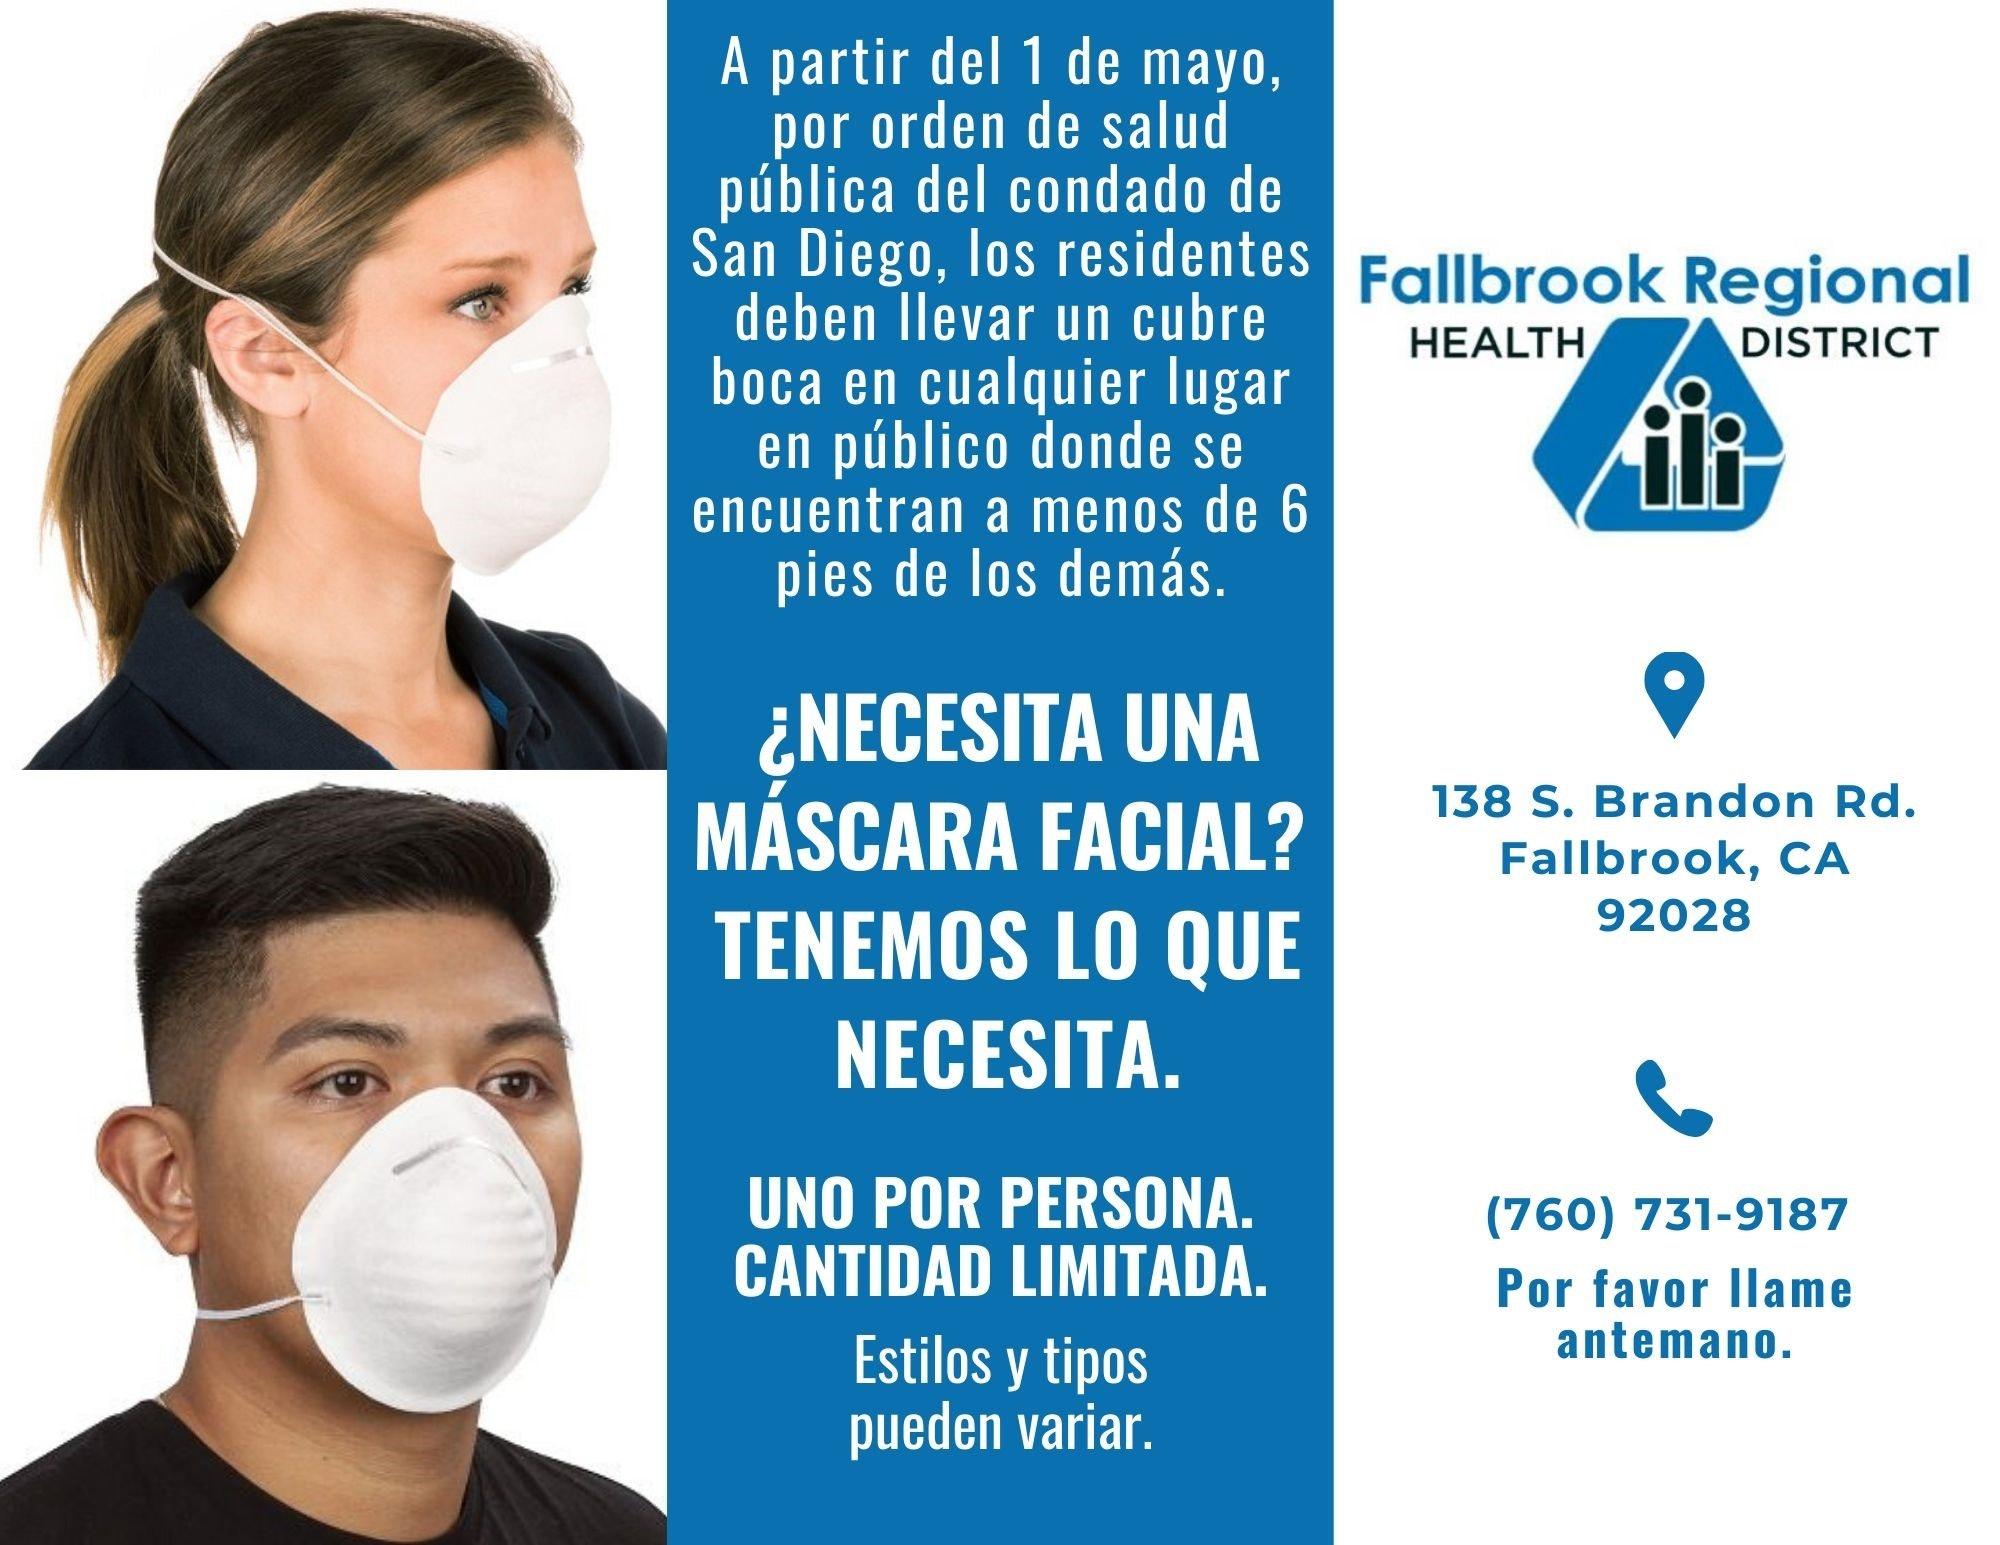 do personas con cubre bocas. anuncio de mascaras faciales gratis. uno por persona. llama al 7607319187, recoger al domicilio 138 S. Brandon Rd., Fallbrook